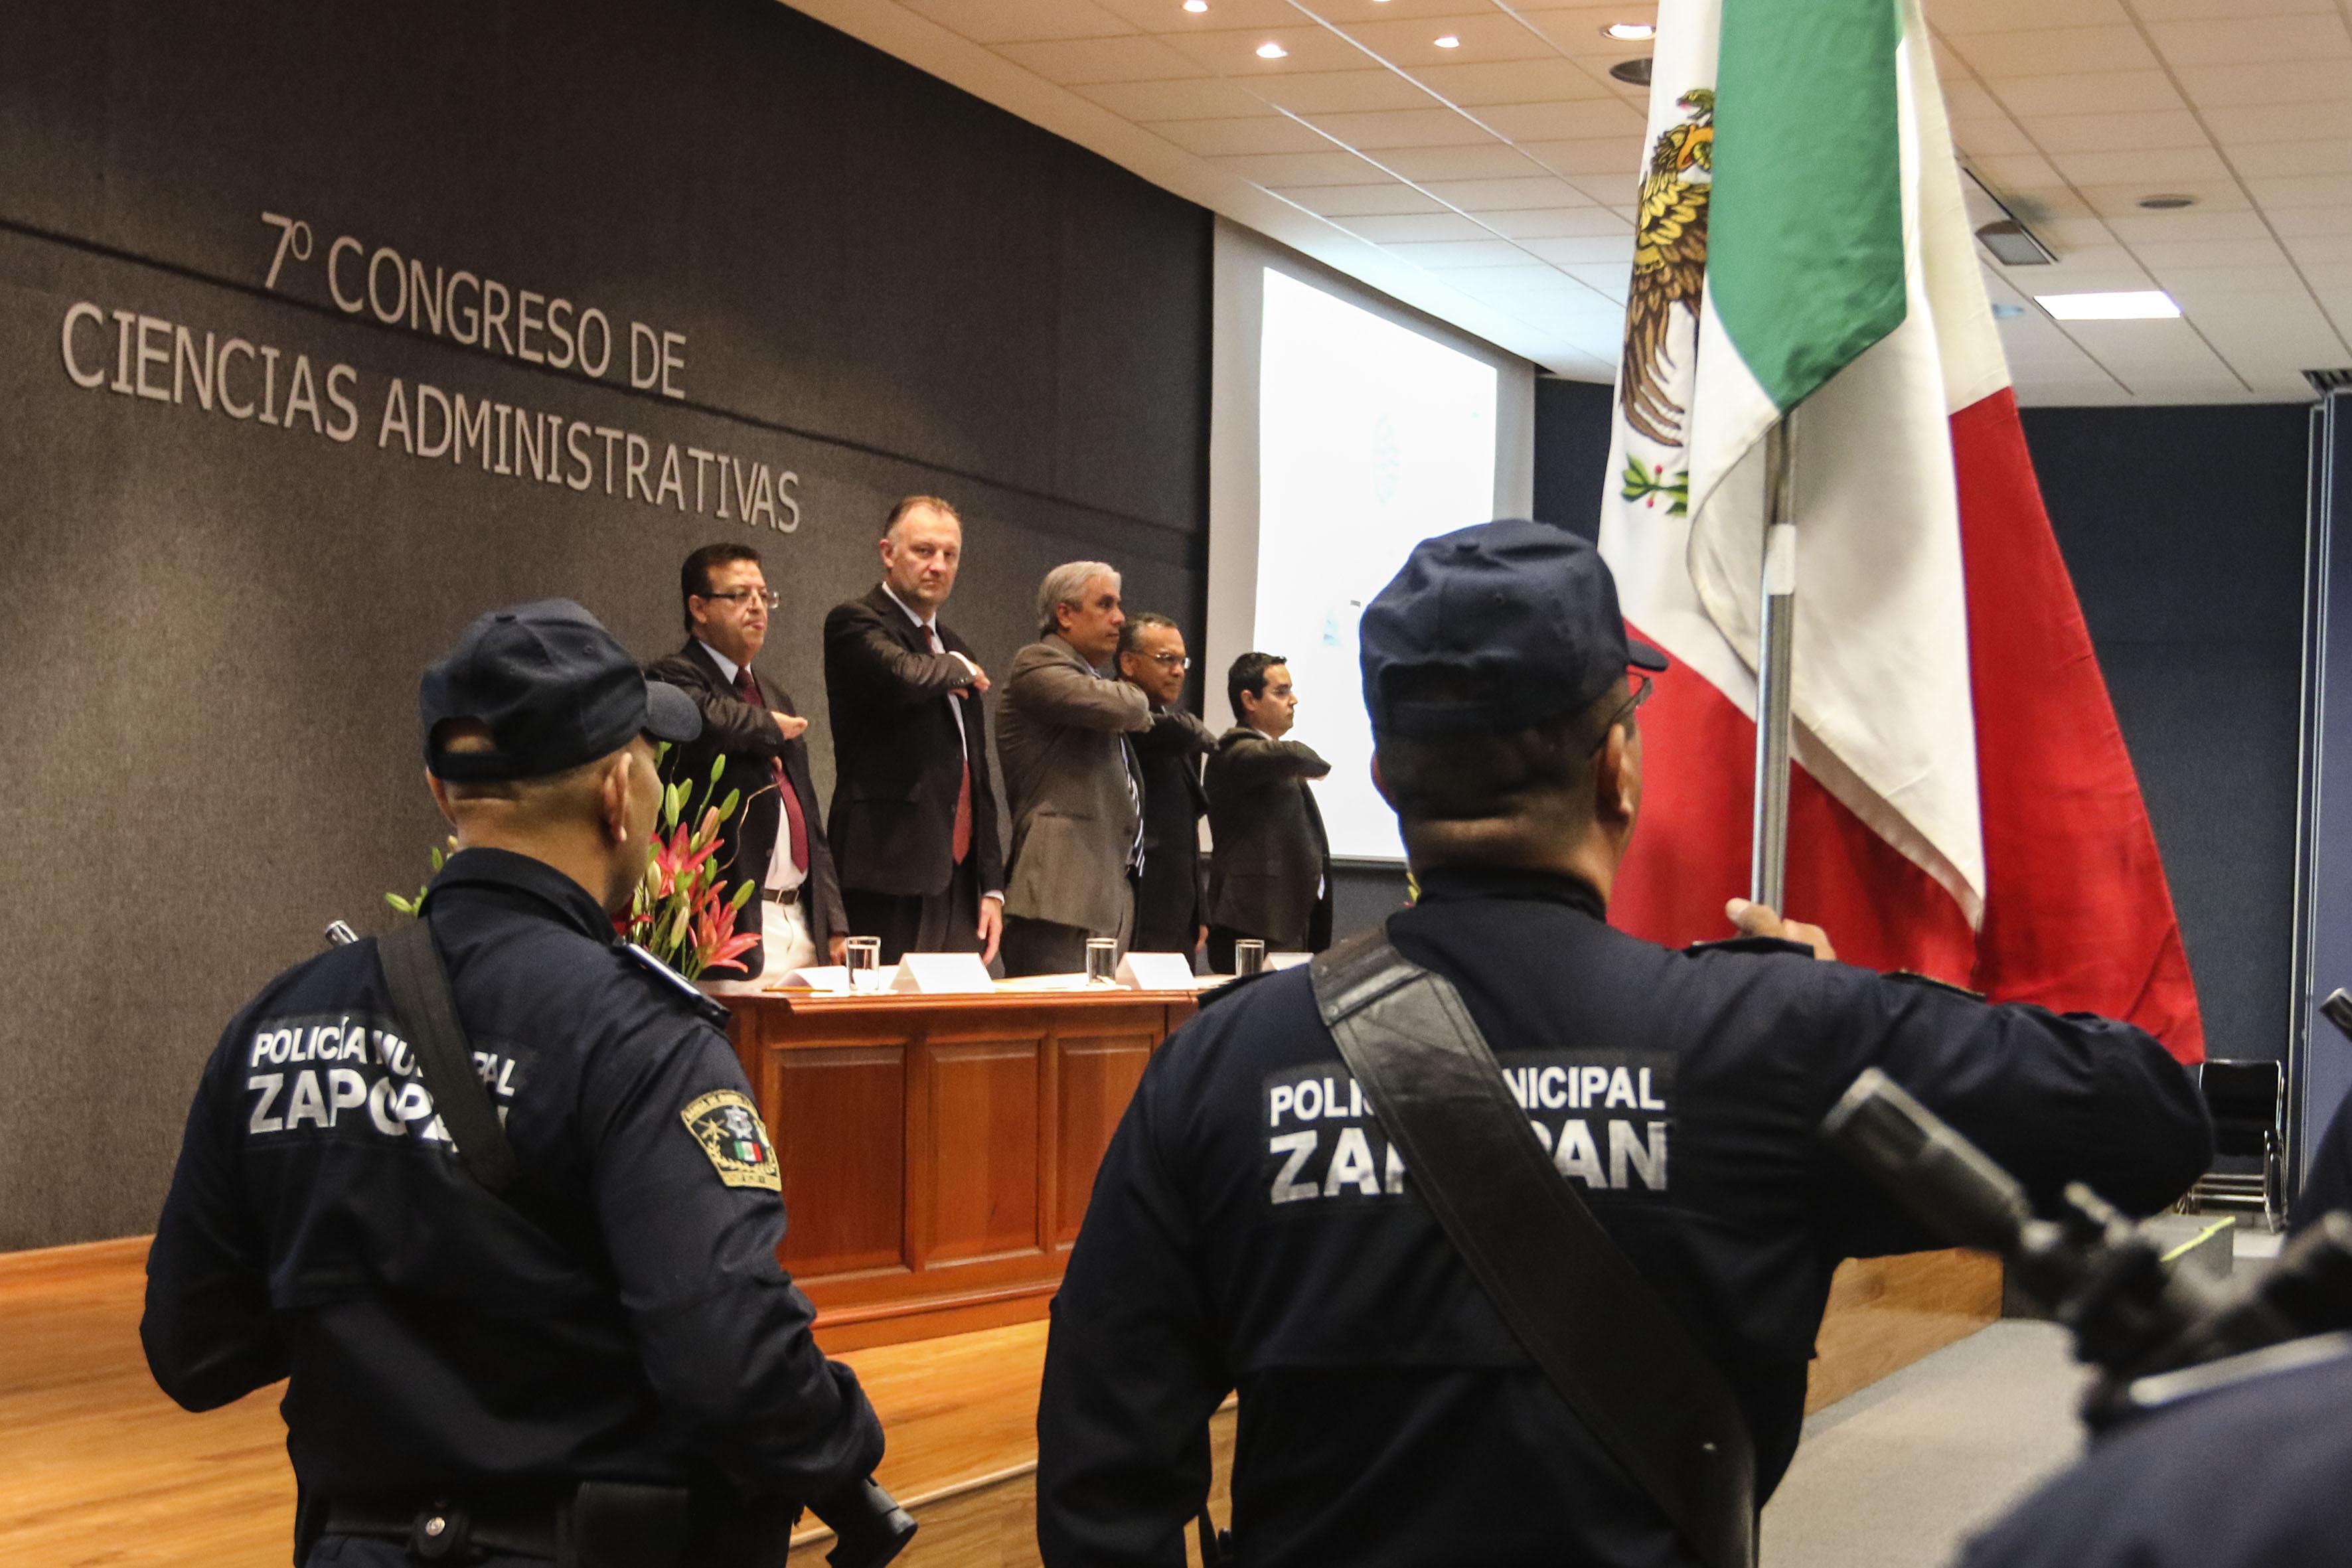 Ceremonia de Honores a la Bandera, como parte de la inauguración del congreso